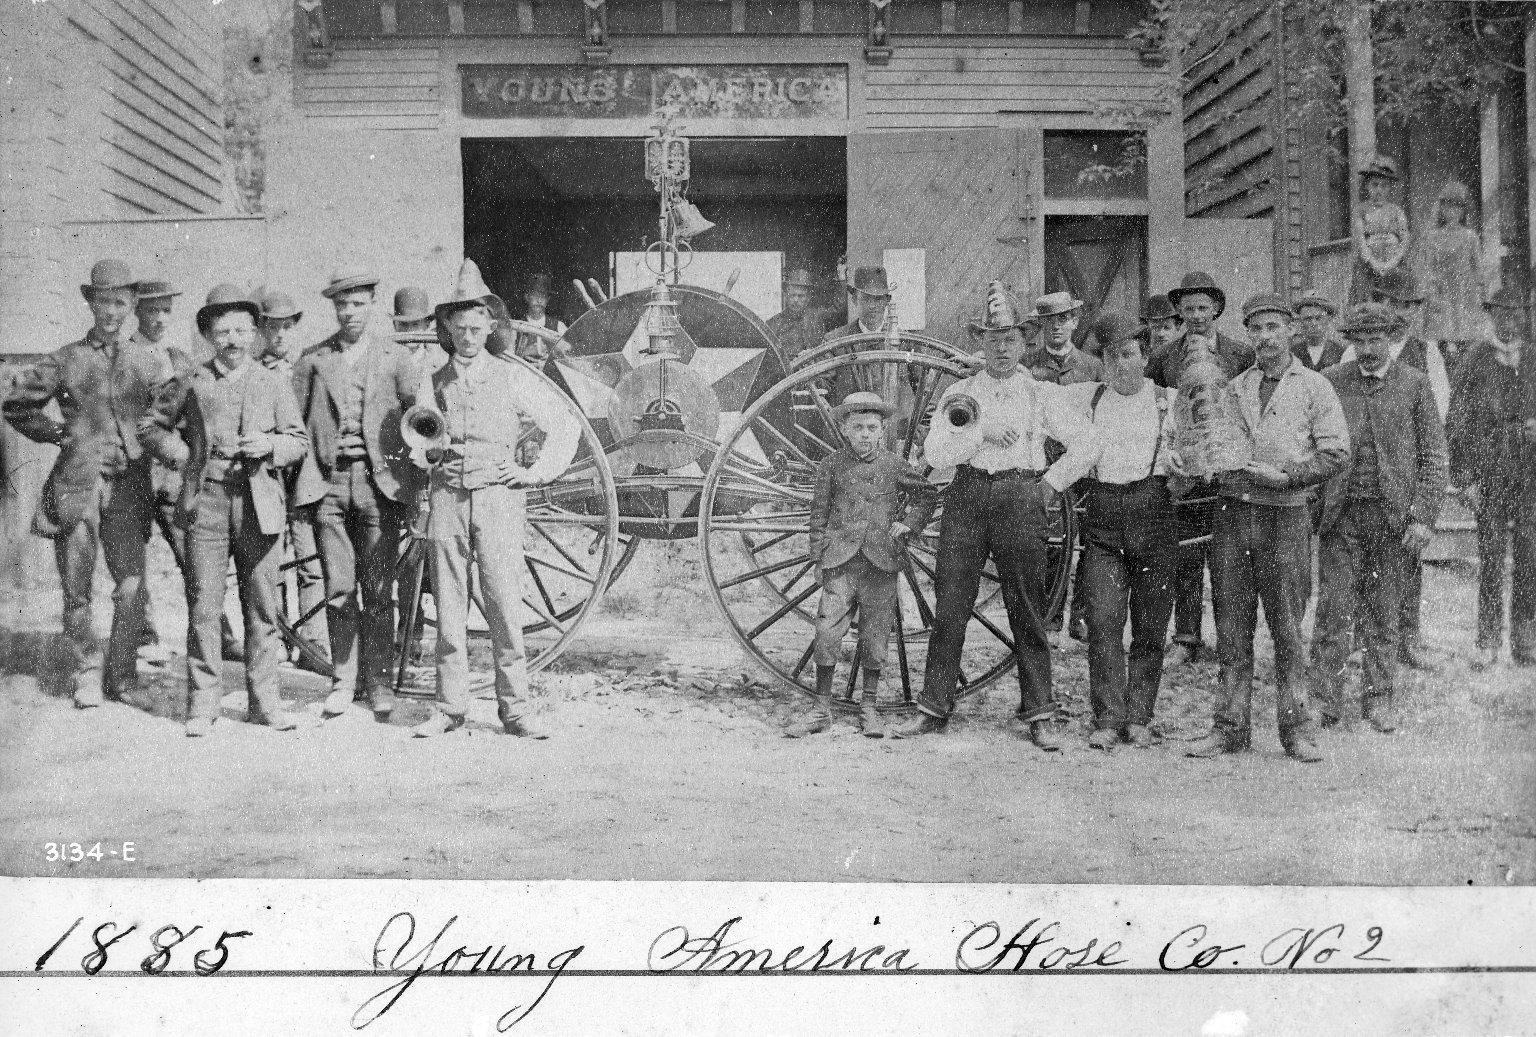 Пожарная команда. Нью-Йорк, США. 1885 год